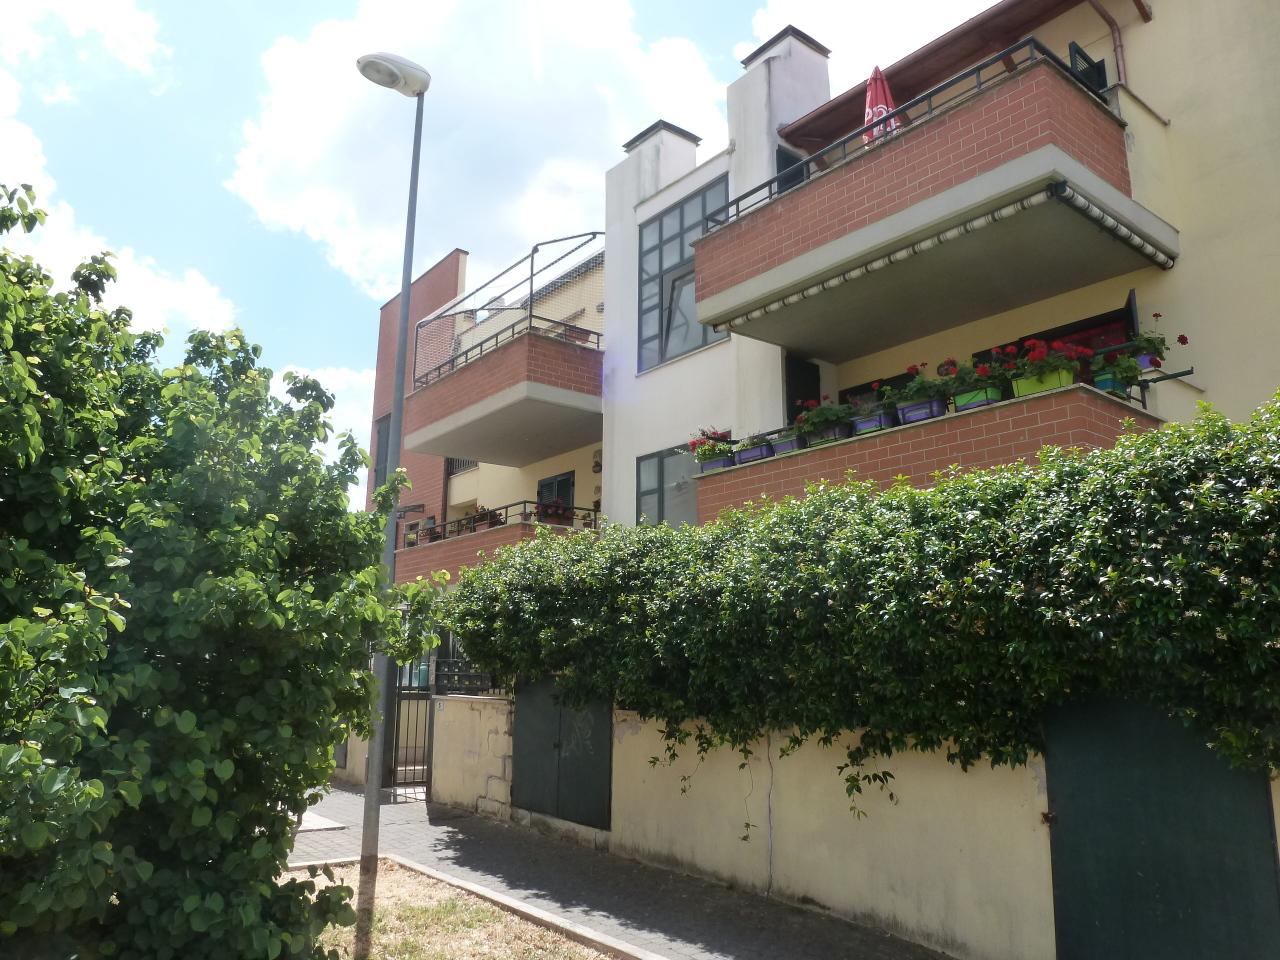 Appartamento in vendita a Grottaferrata, 6 locali, prezzo € 249.000 | CambioCasa.it